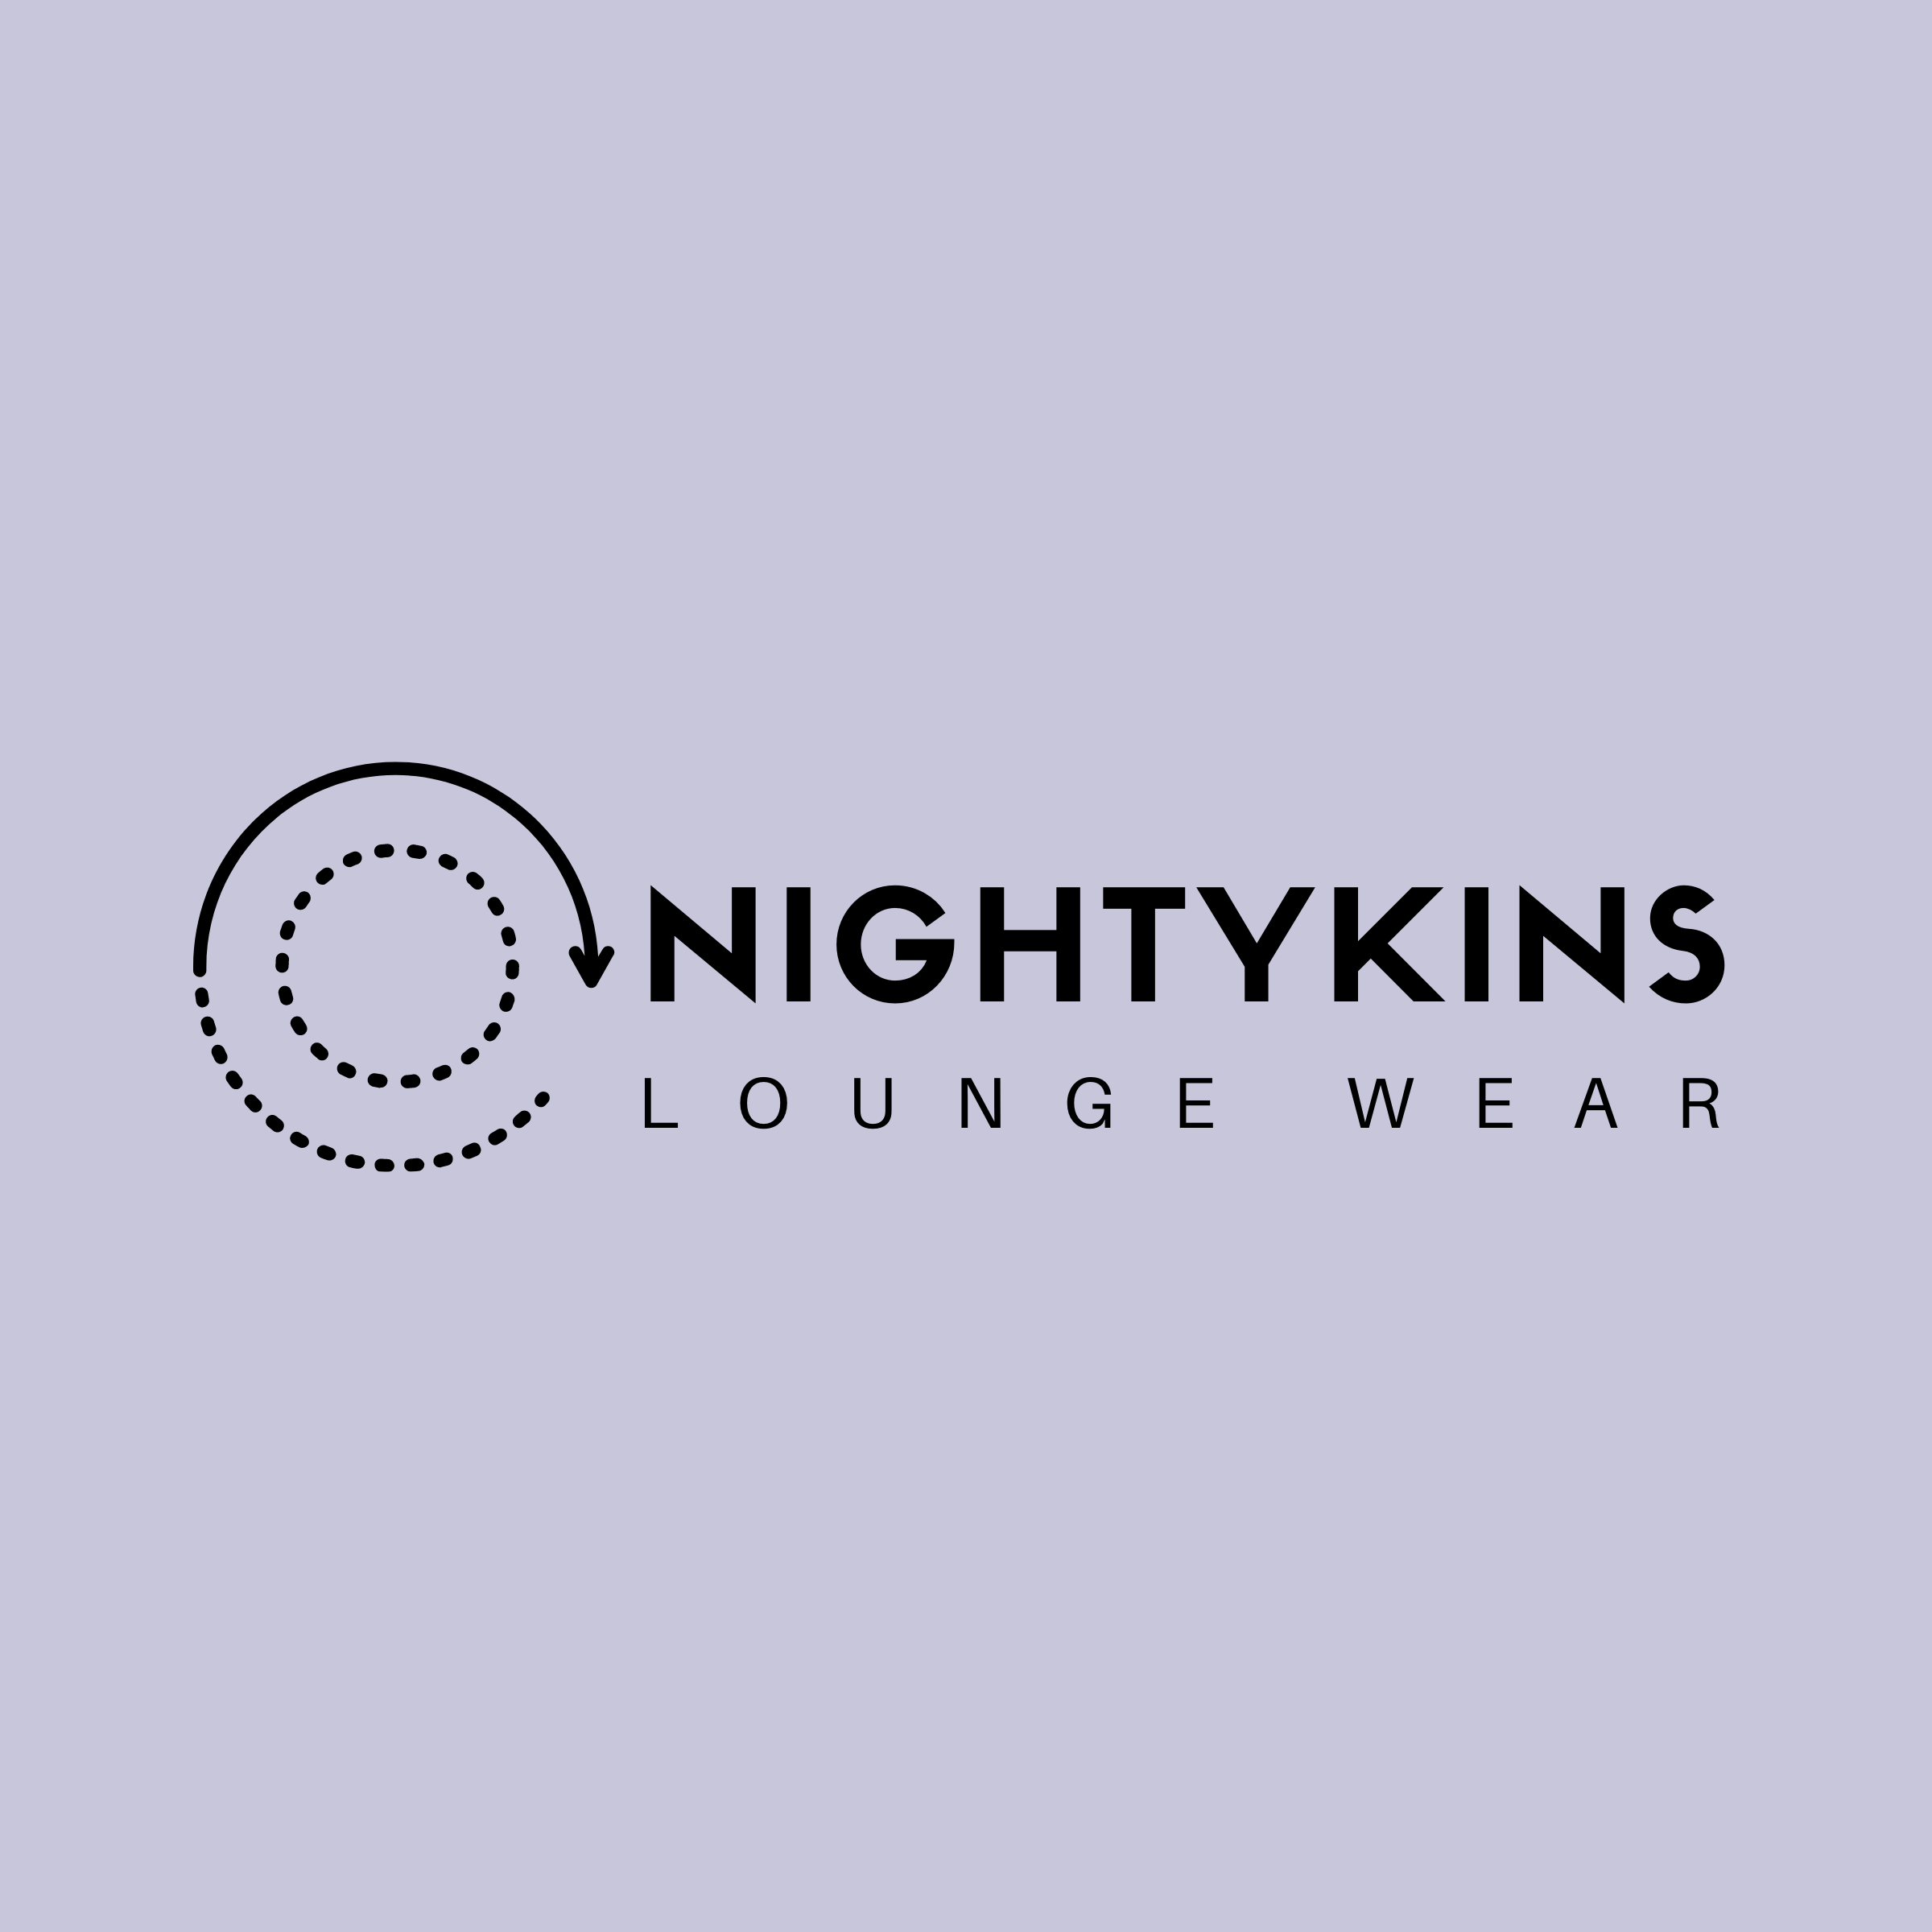 NIGHTYKINS